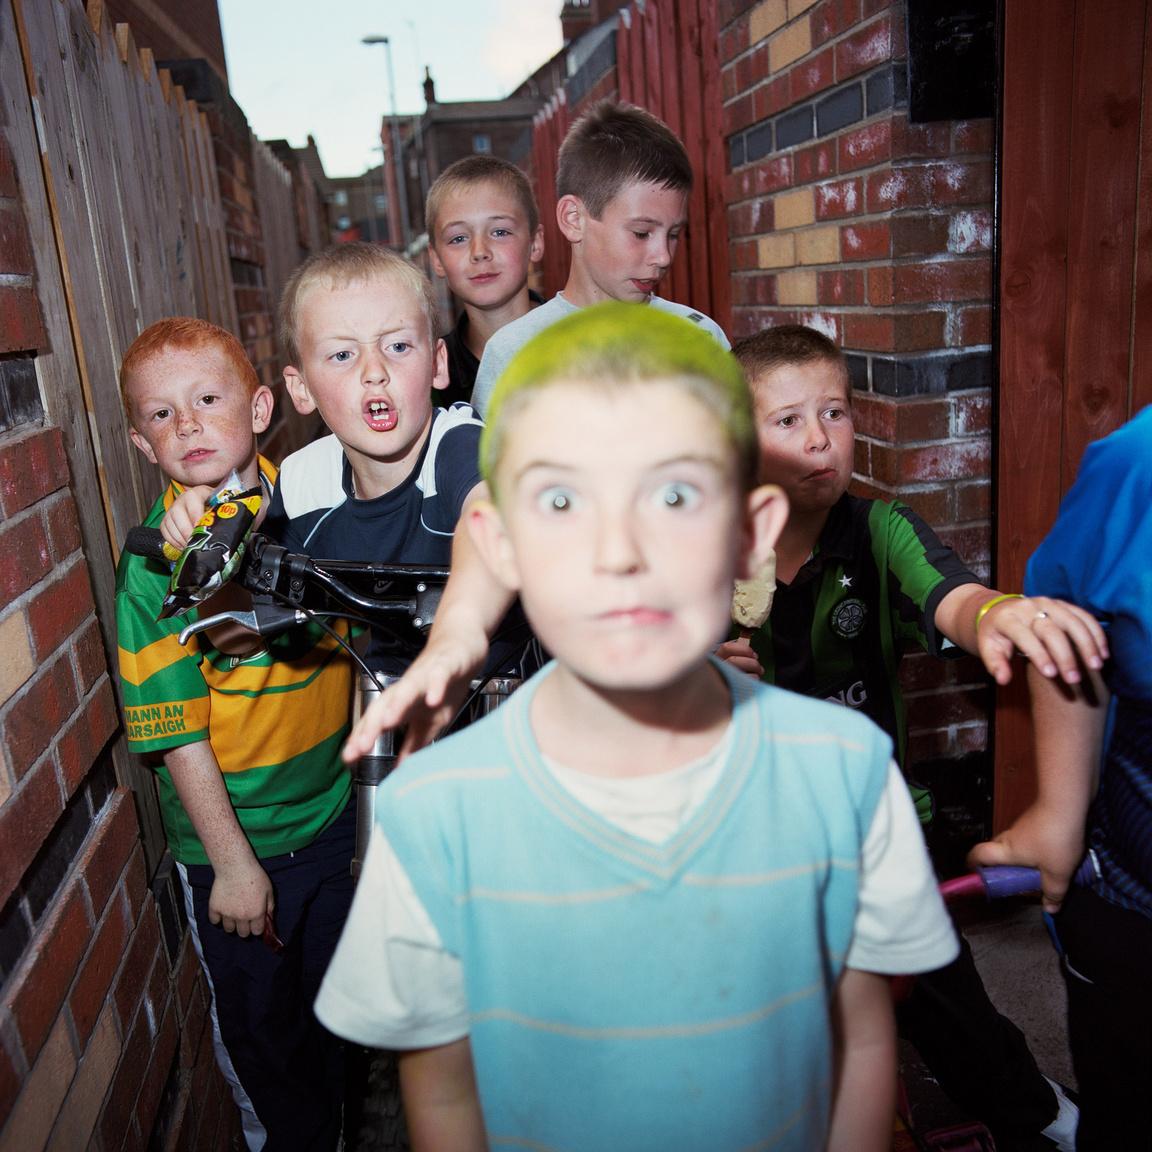 Harri Paelviranta finn fotós munkáiban az erőszak és a maszkulinitás a két fő motívum, és igyekszik ezeknek a fogalmaknak minden rétegét megvizsgálni, hiszen szinte mindenki számára mást jelentenek, annyiféleképpen lehet ezeket értelmezni. Playing Belfast sorozatával azt szerette volna bemutatni, hogyan élnek a gyerek Észak-Írország fővárosában úgy, hogy az utcai összetűzések, villongások már nem képezik a mindennapok részét. (New lodge boys #12, 2007-2010)